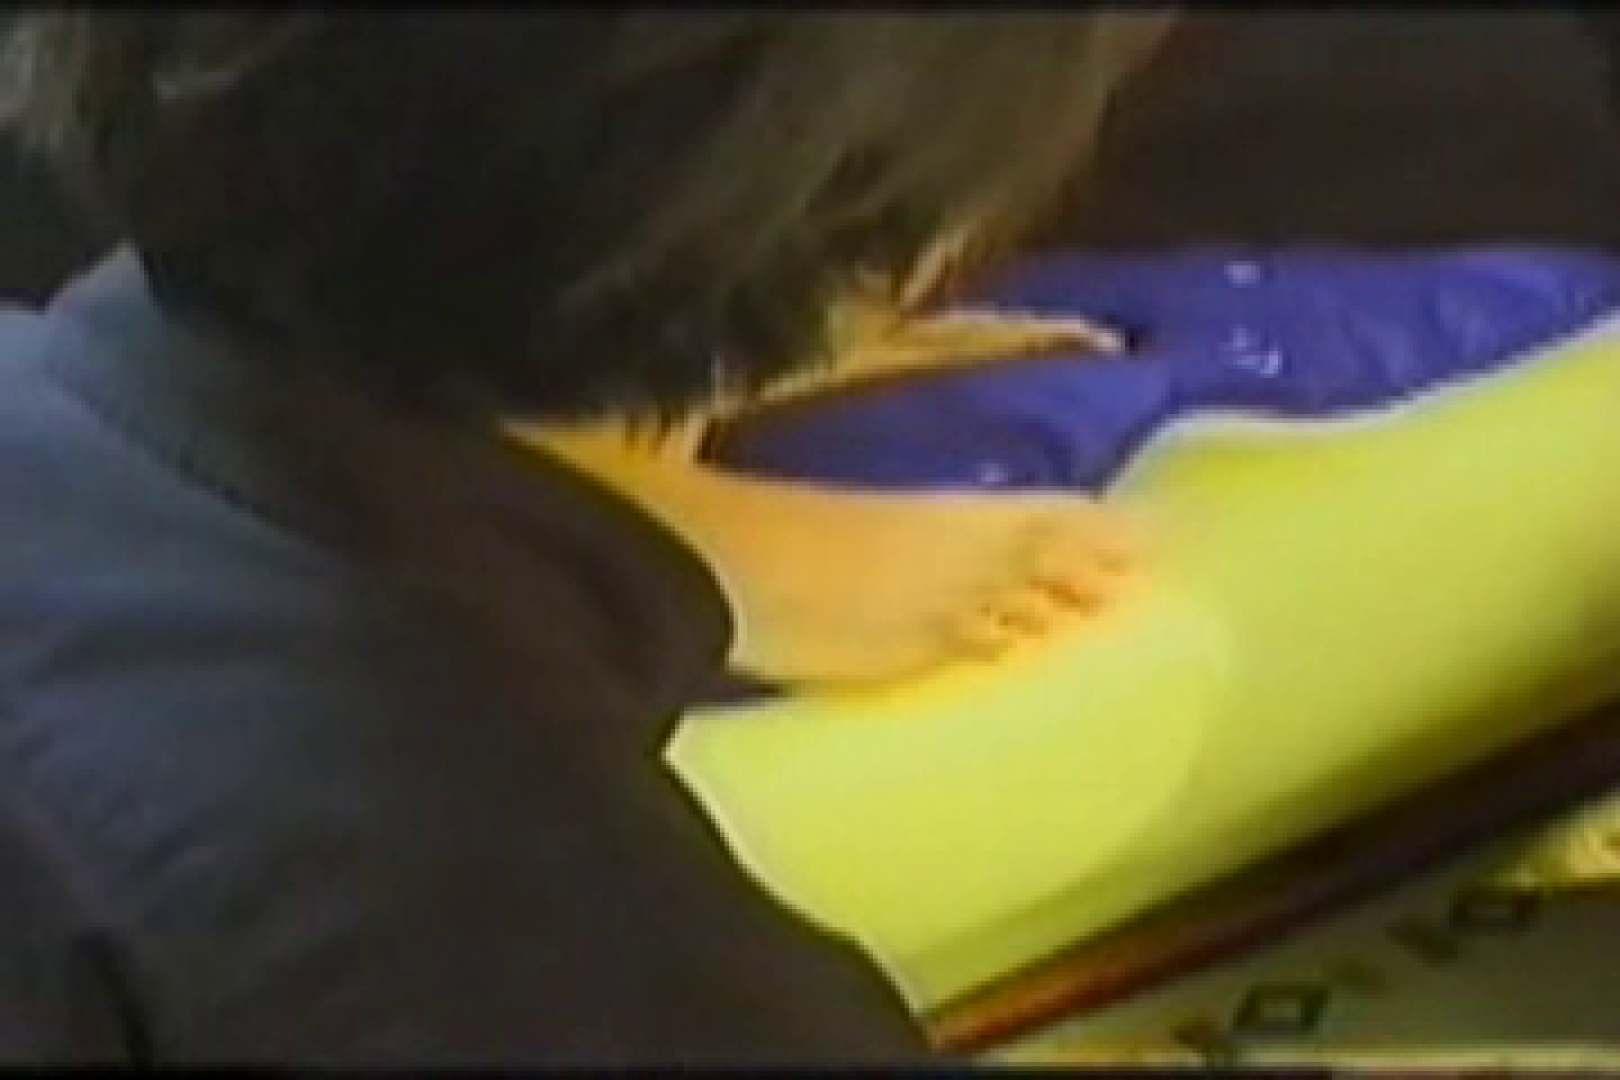 【流出】若者たちの集い アナル舐め舐め ゲイ無料エロ画像 77pic 24